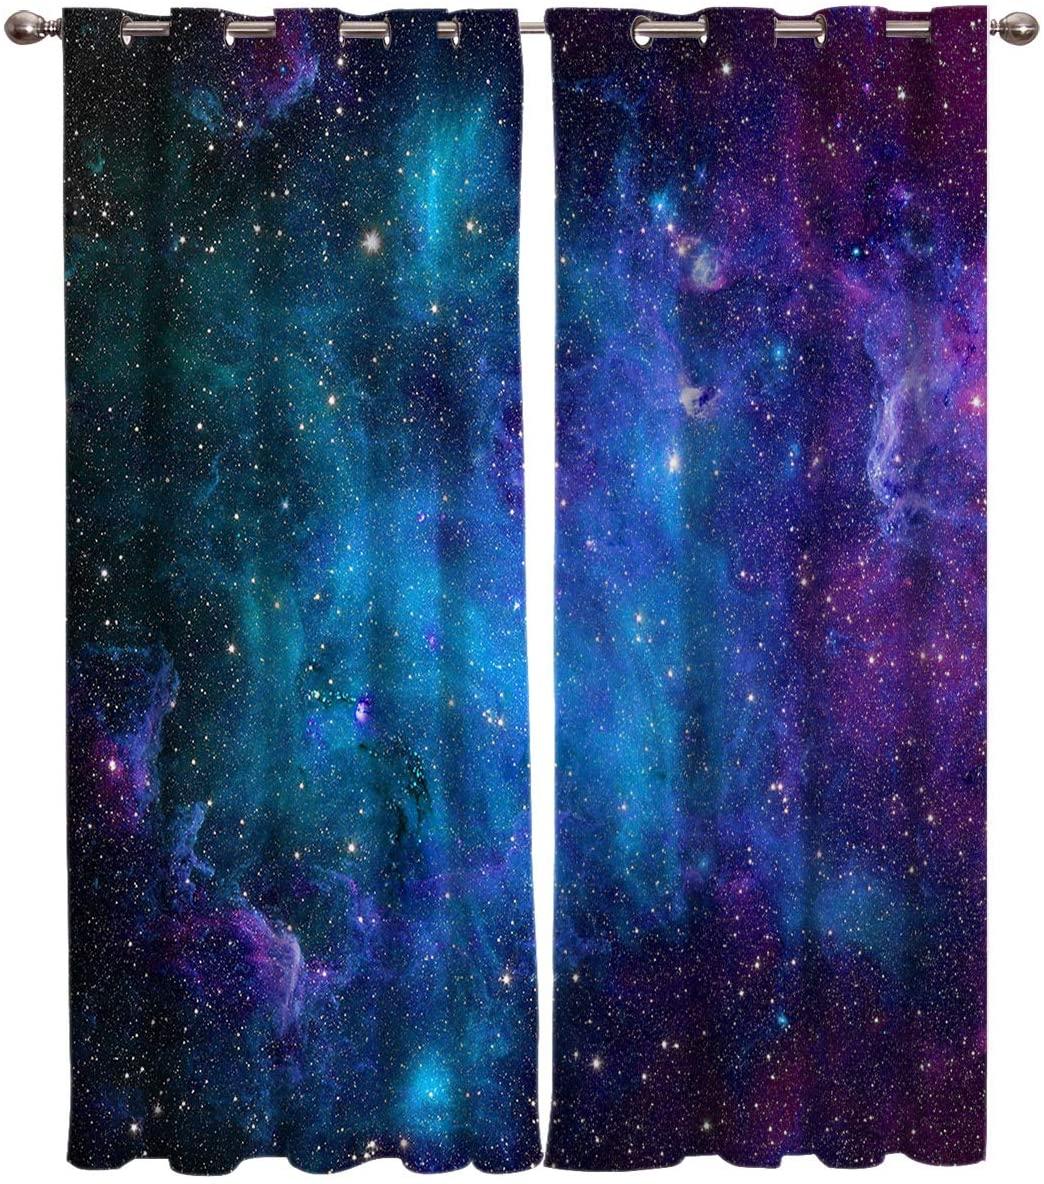 ستائر مجرة ونجمة وكون وسماء مرصعة بالنجوم وديكور للمطبخ وغرفة النوم وغرفة المعيشة